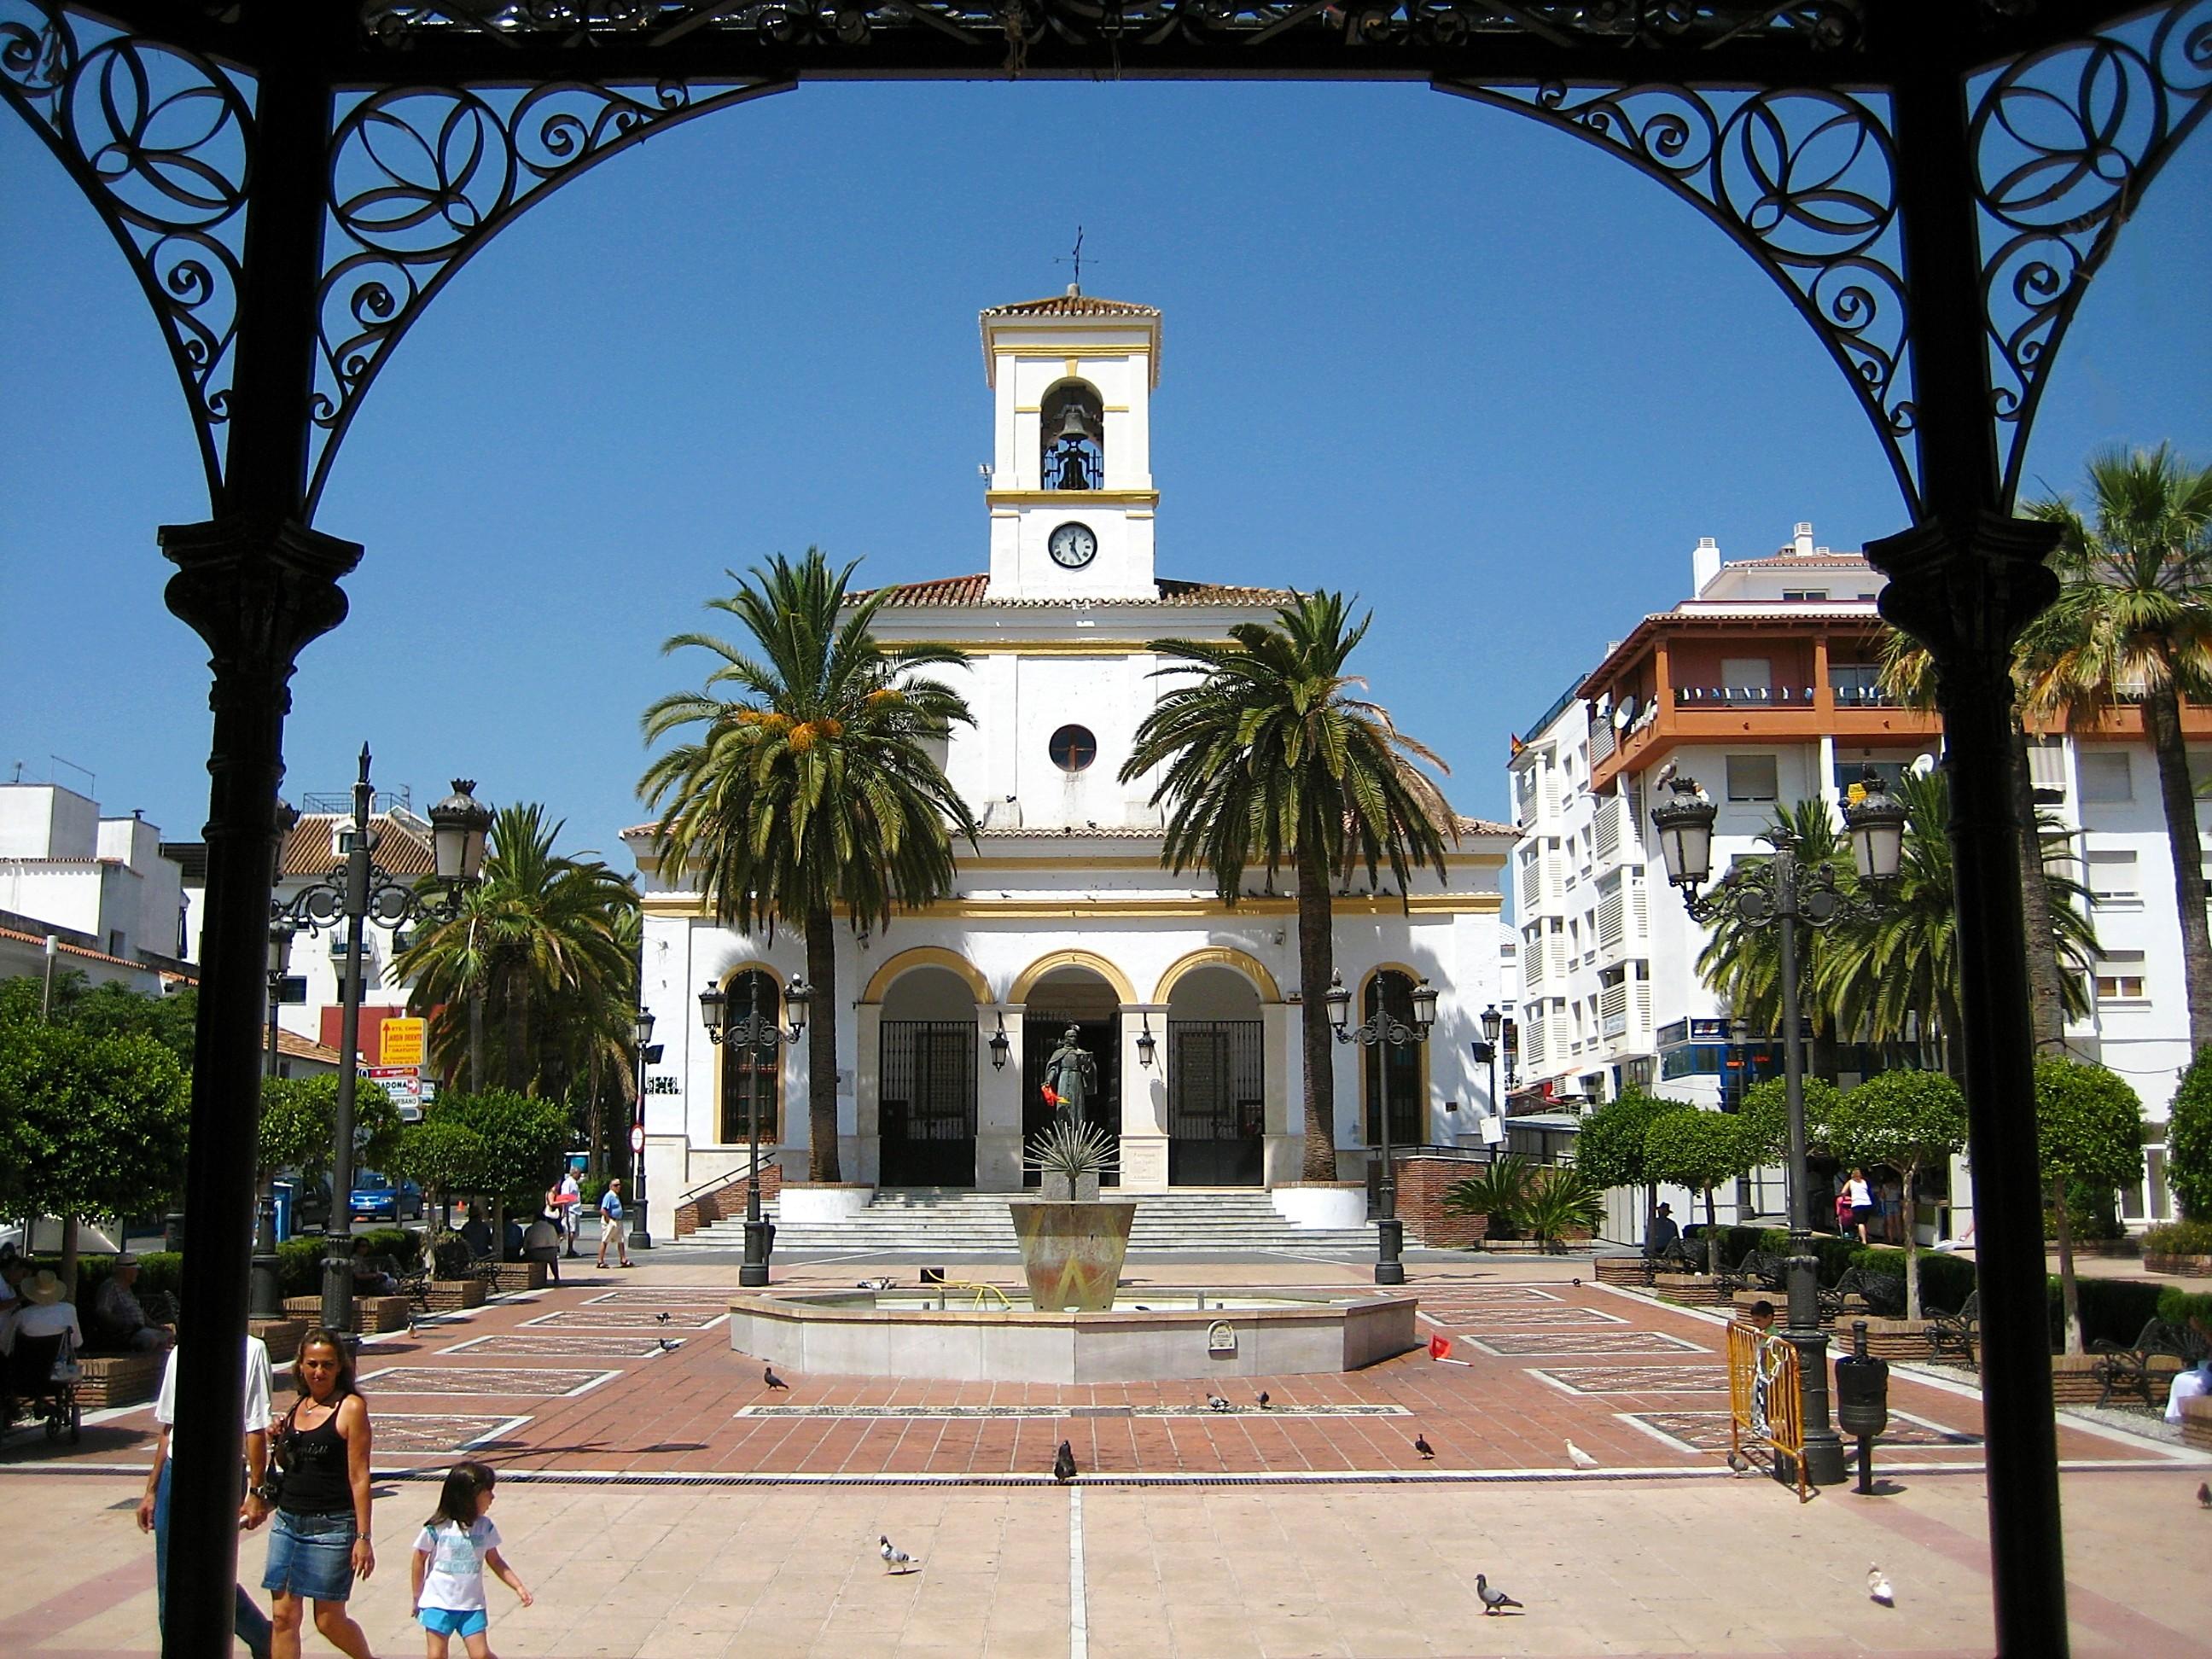 Pueblos con encanto san pedro de alc ntara blog de vime hotels resorts - Habitantes san pedro de alcantara ...